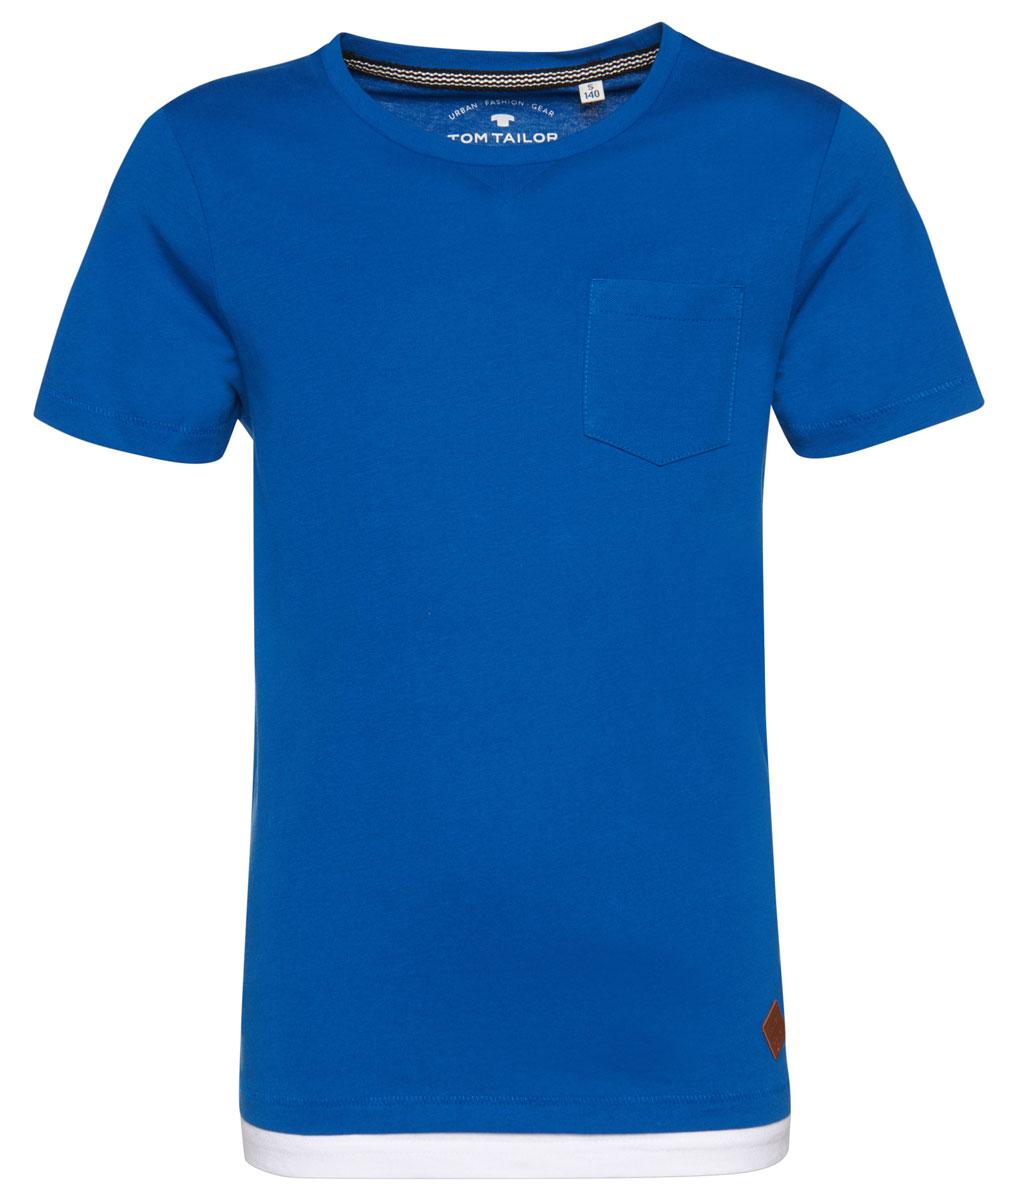 Футболка для мальчика Tom Tailor, цвет: синий. 1035492.40.30_6610. Размер 1641035492.40.30_6610Футболка выполнена из высококачественного материала. Модель с круглым вырезом горловины и короткими рукавами.